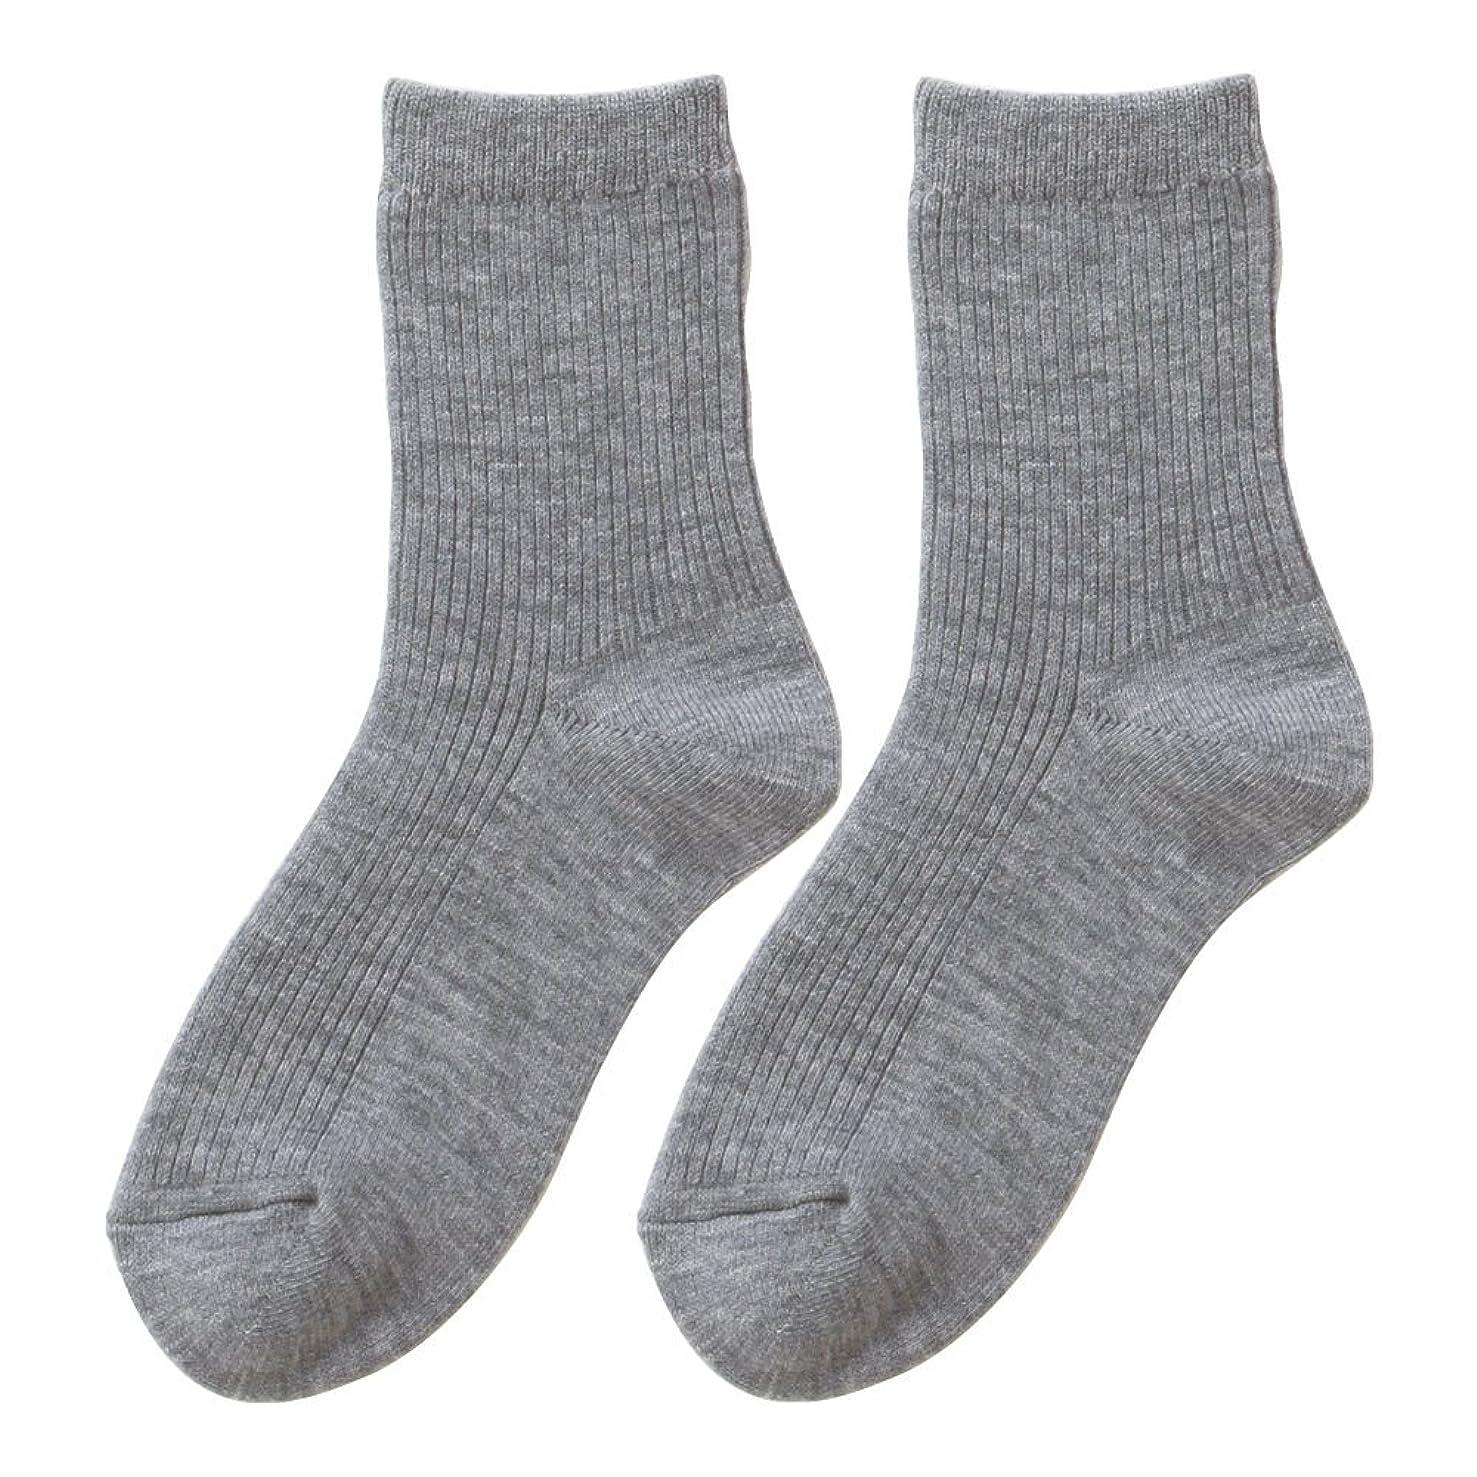 説教するバイパスメインひだまり ダブルソックス 婦人用 靴下[22~24cm] グレー